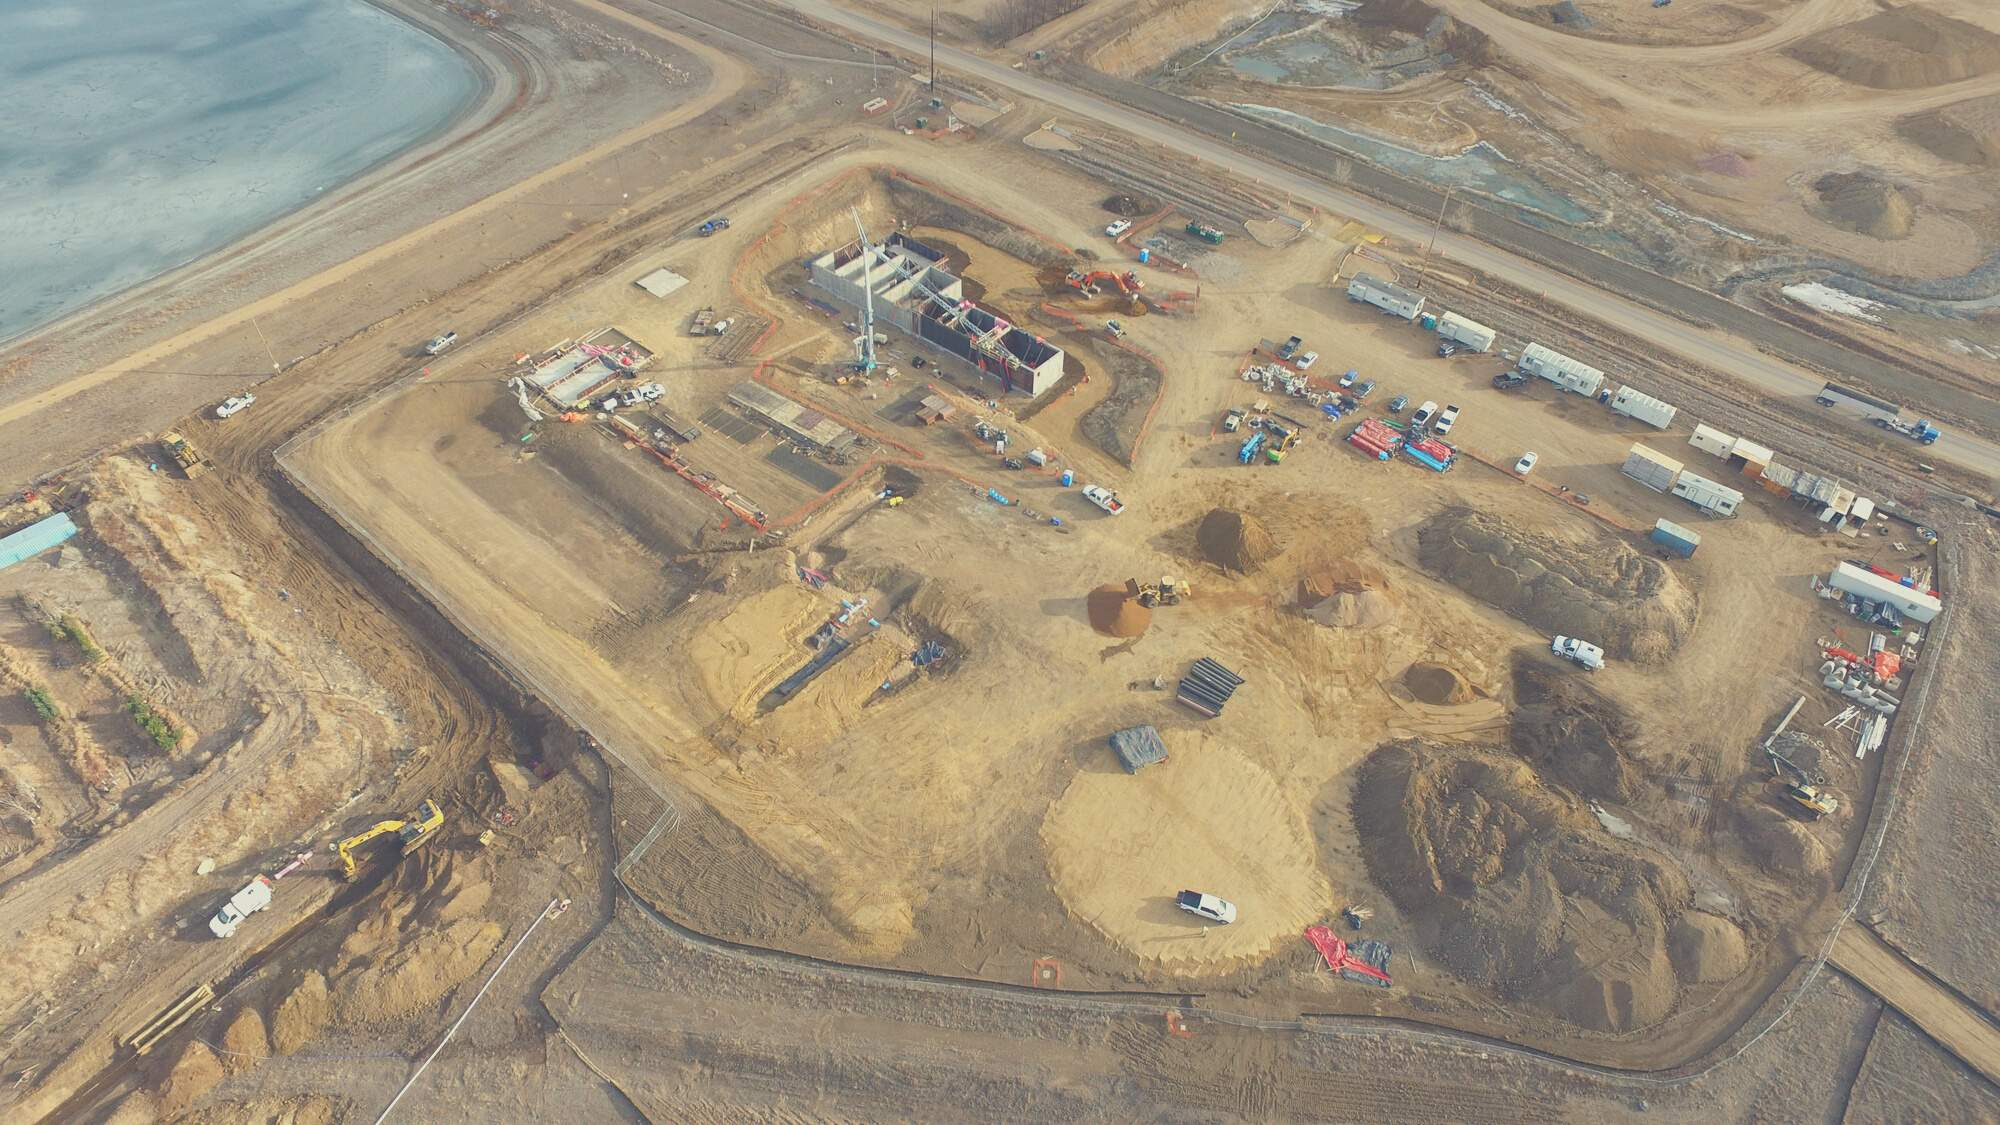 IWS Fast Tracks 1.5 MGD CMAR Water Treatment Plant in Firestone, CO